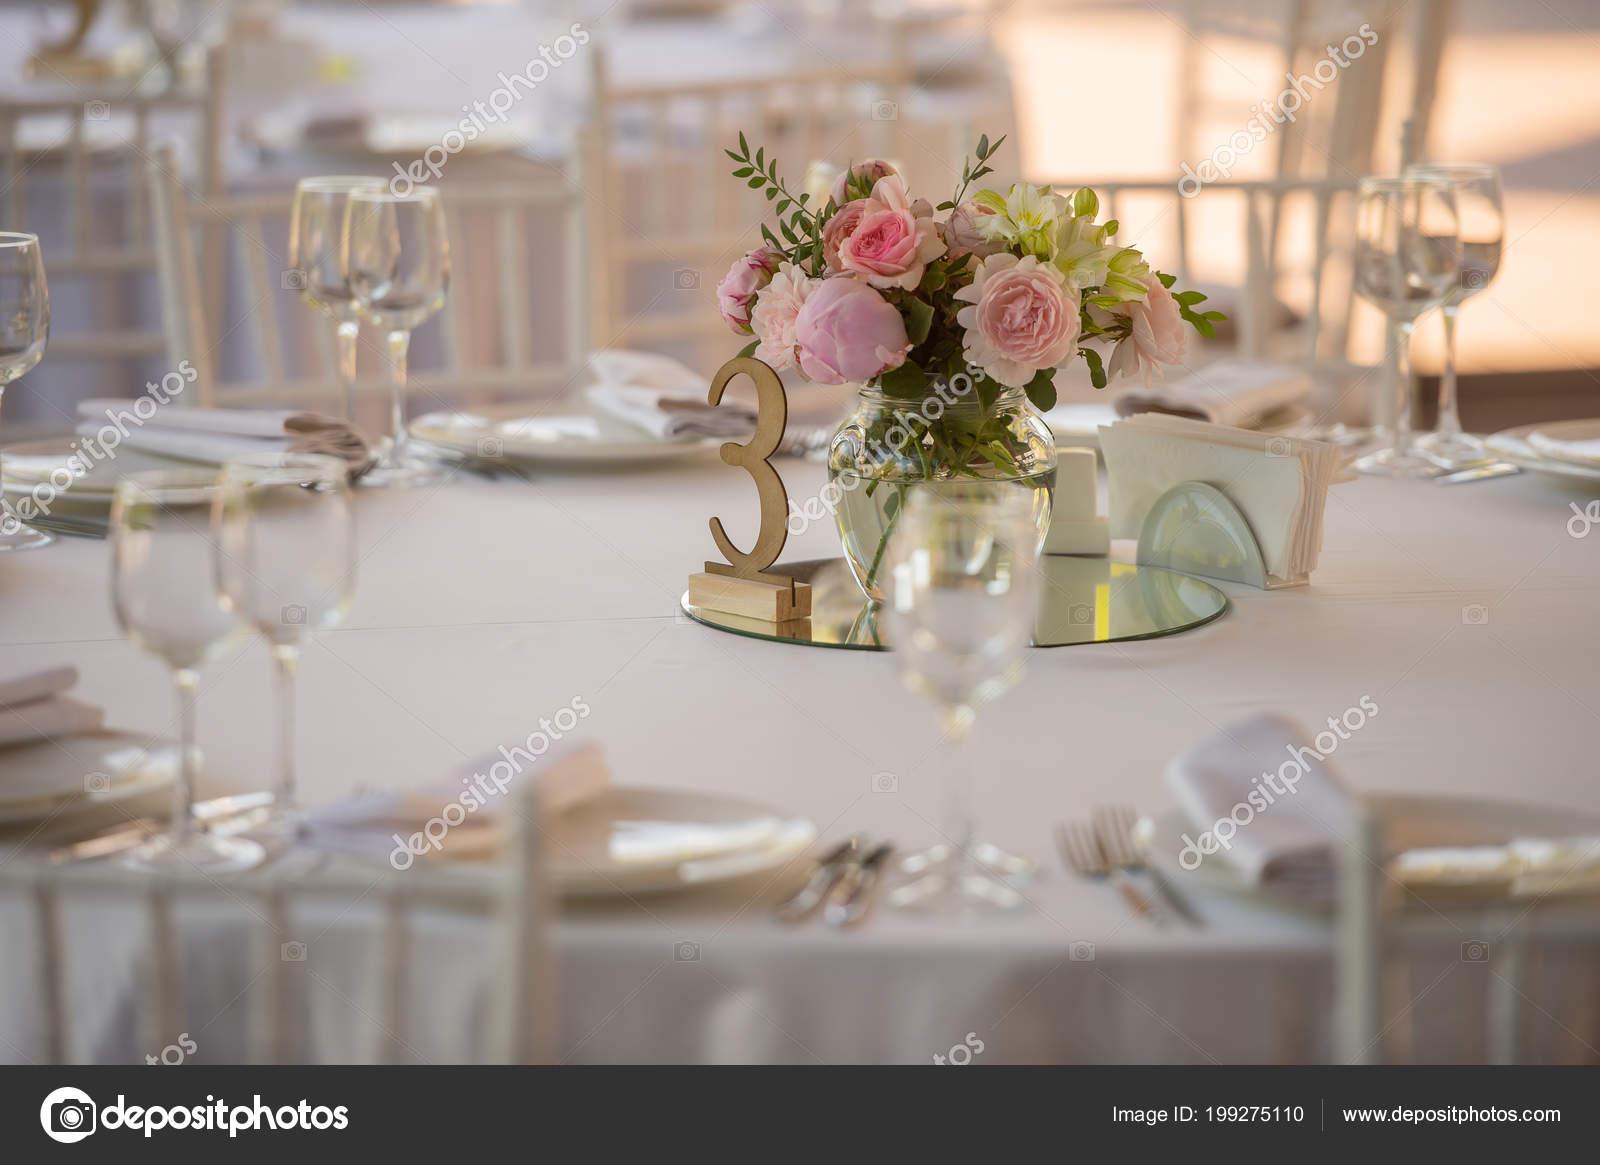 Hochzeitsdekorationen Und Blumen Stockfoto C Kiriak09 199275110